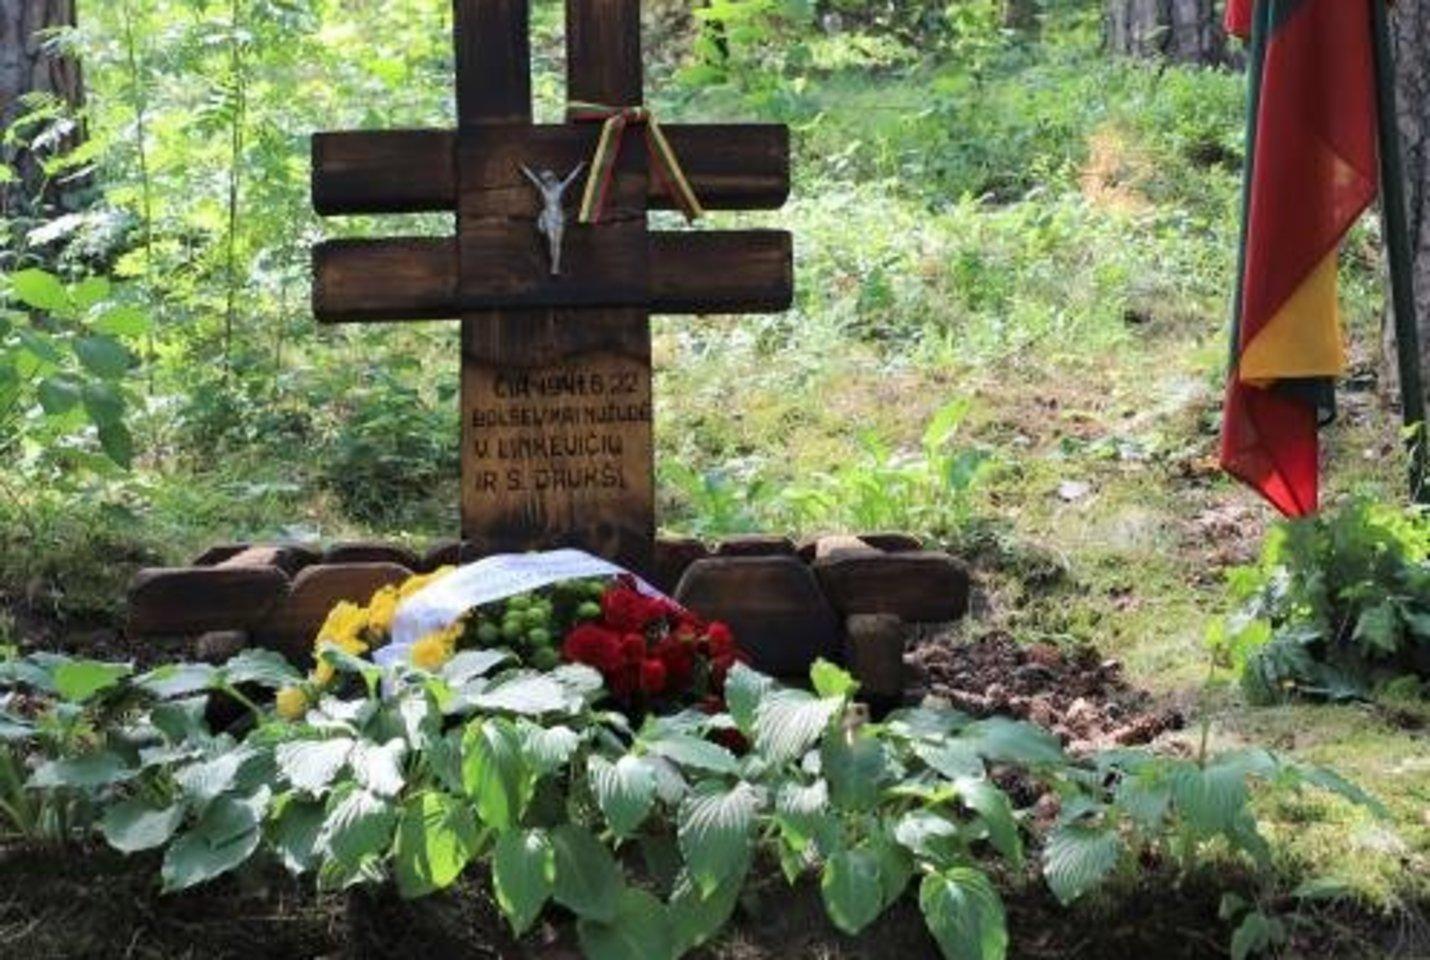 Kačerginėje Kauno rajono savivaldybės lėšomis atnaujinta prieš 80 metų birželį įvykusio sukilimo aukų Boleslovo Daukšio ir Stasio Linkevičiaus memorialinė vieta.<br>Kauno rajono savivaldybės nuotr.